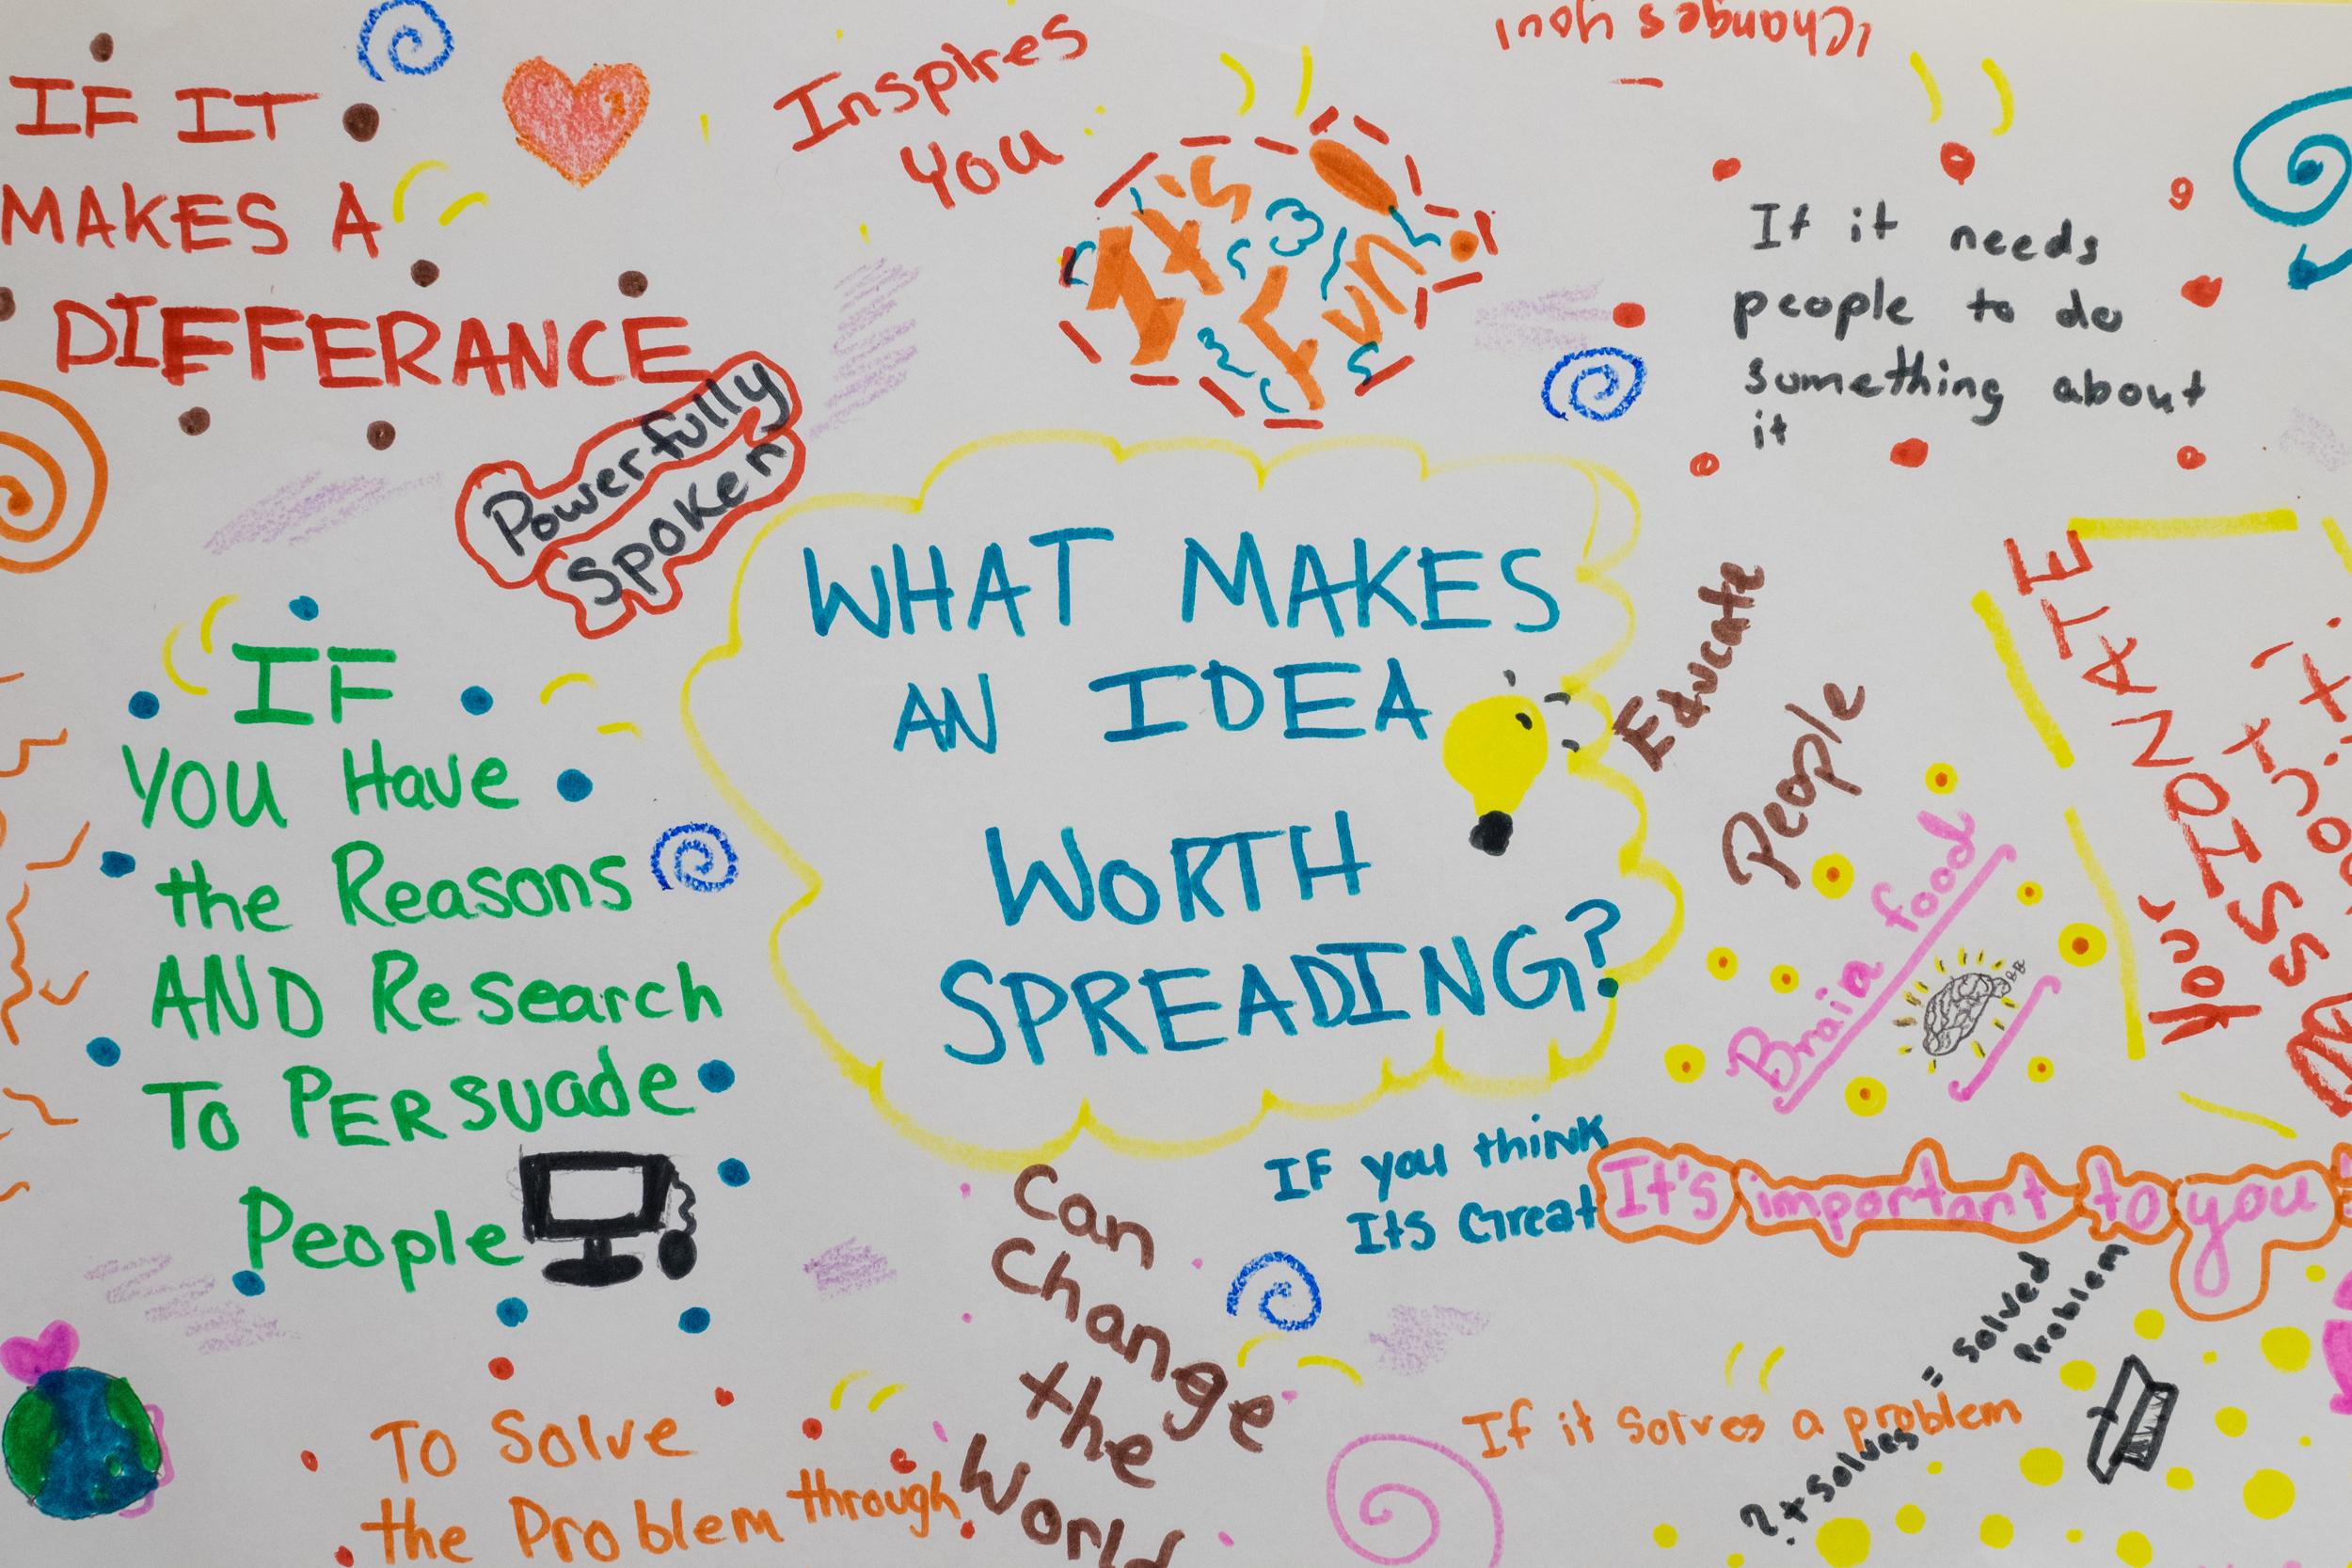 So many ideas